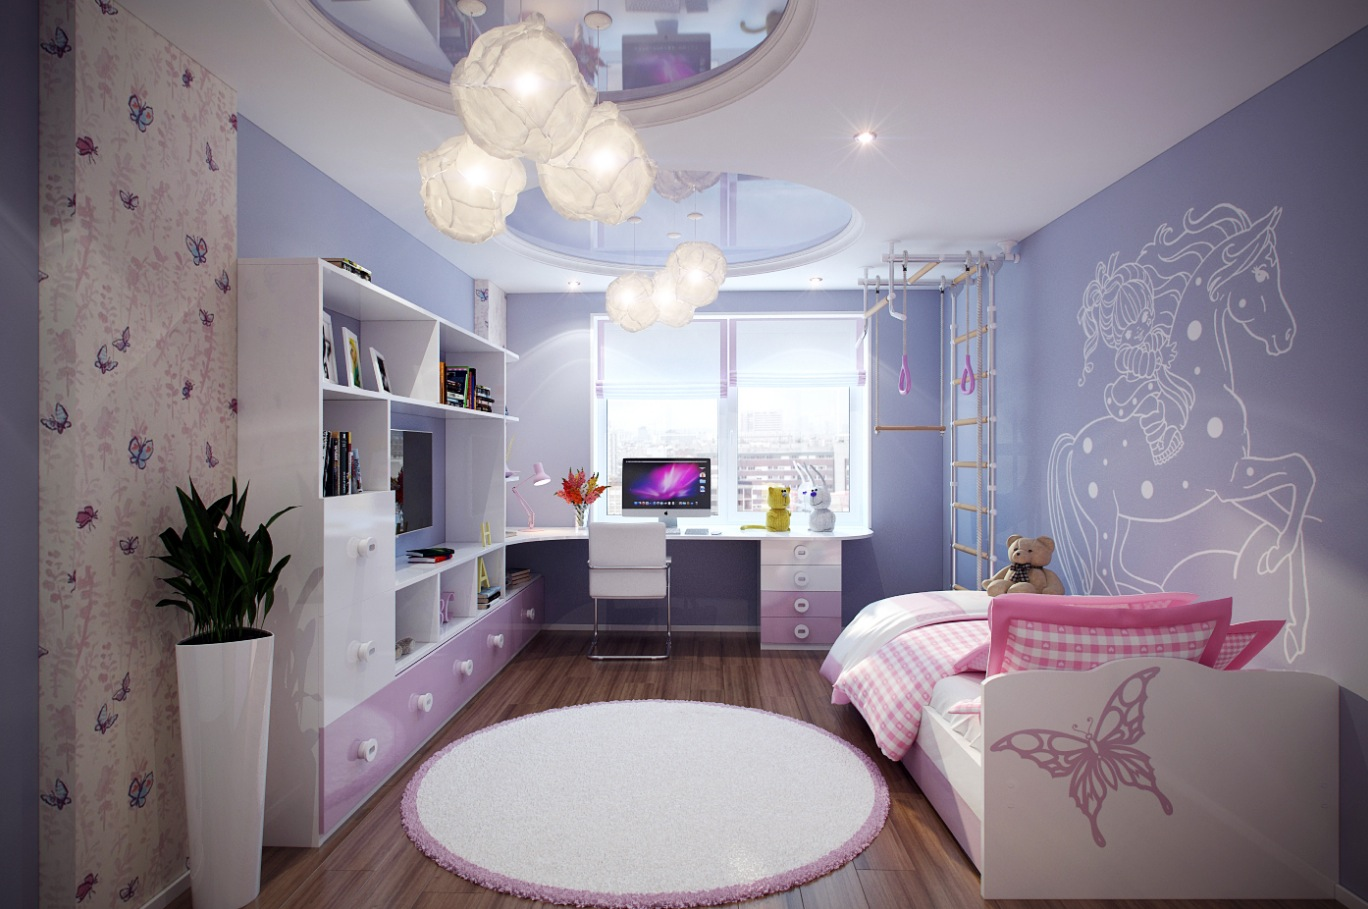 Детские обои для стен: однотонные, модные и другие варианты в интерьер комнаты